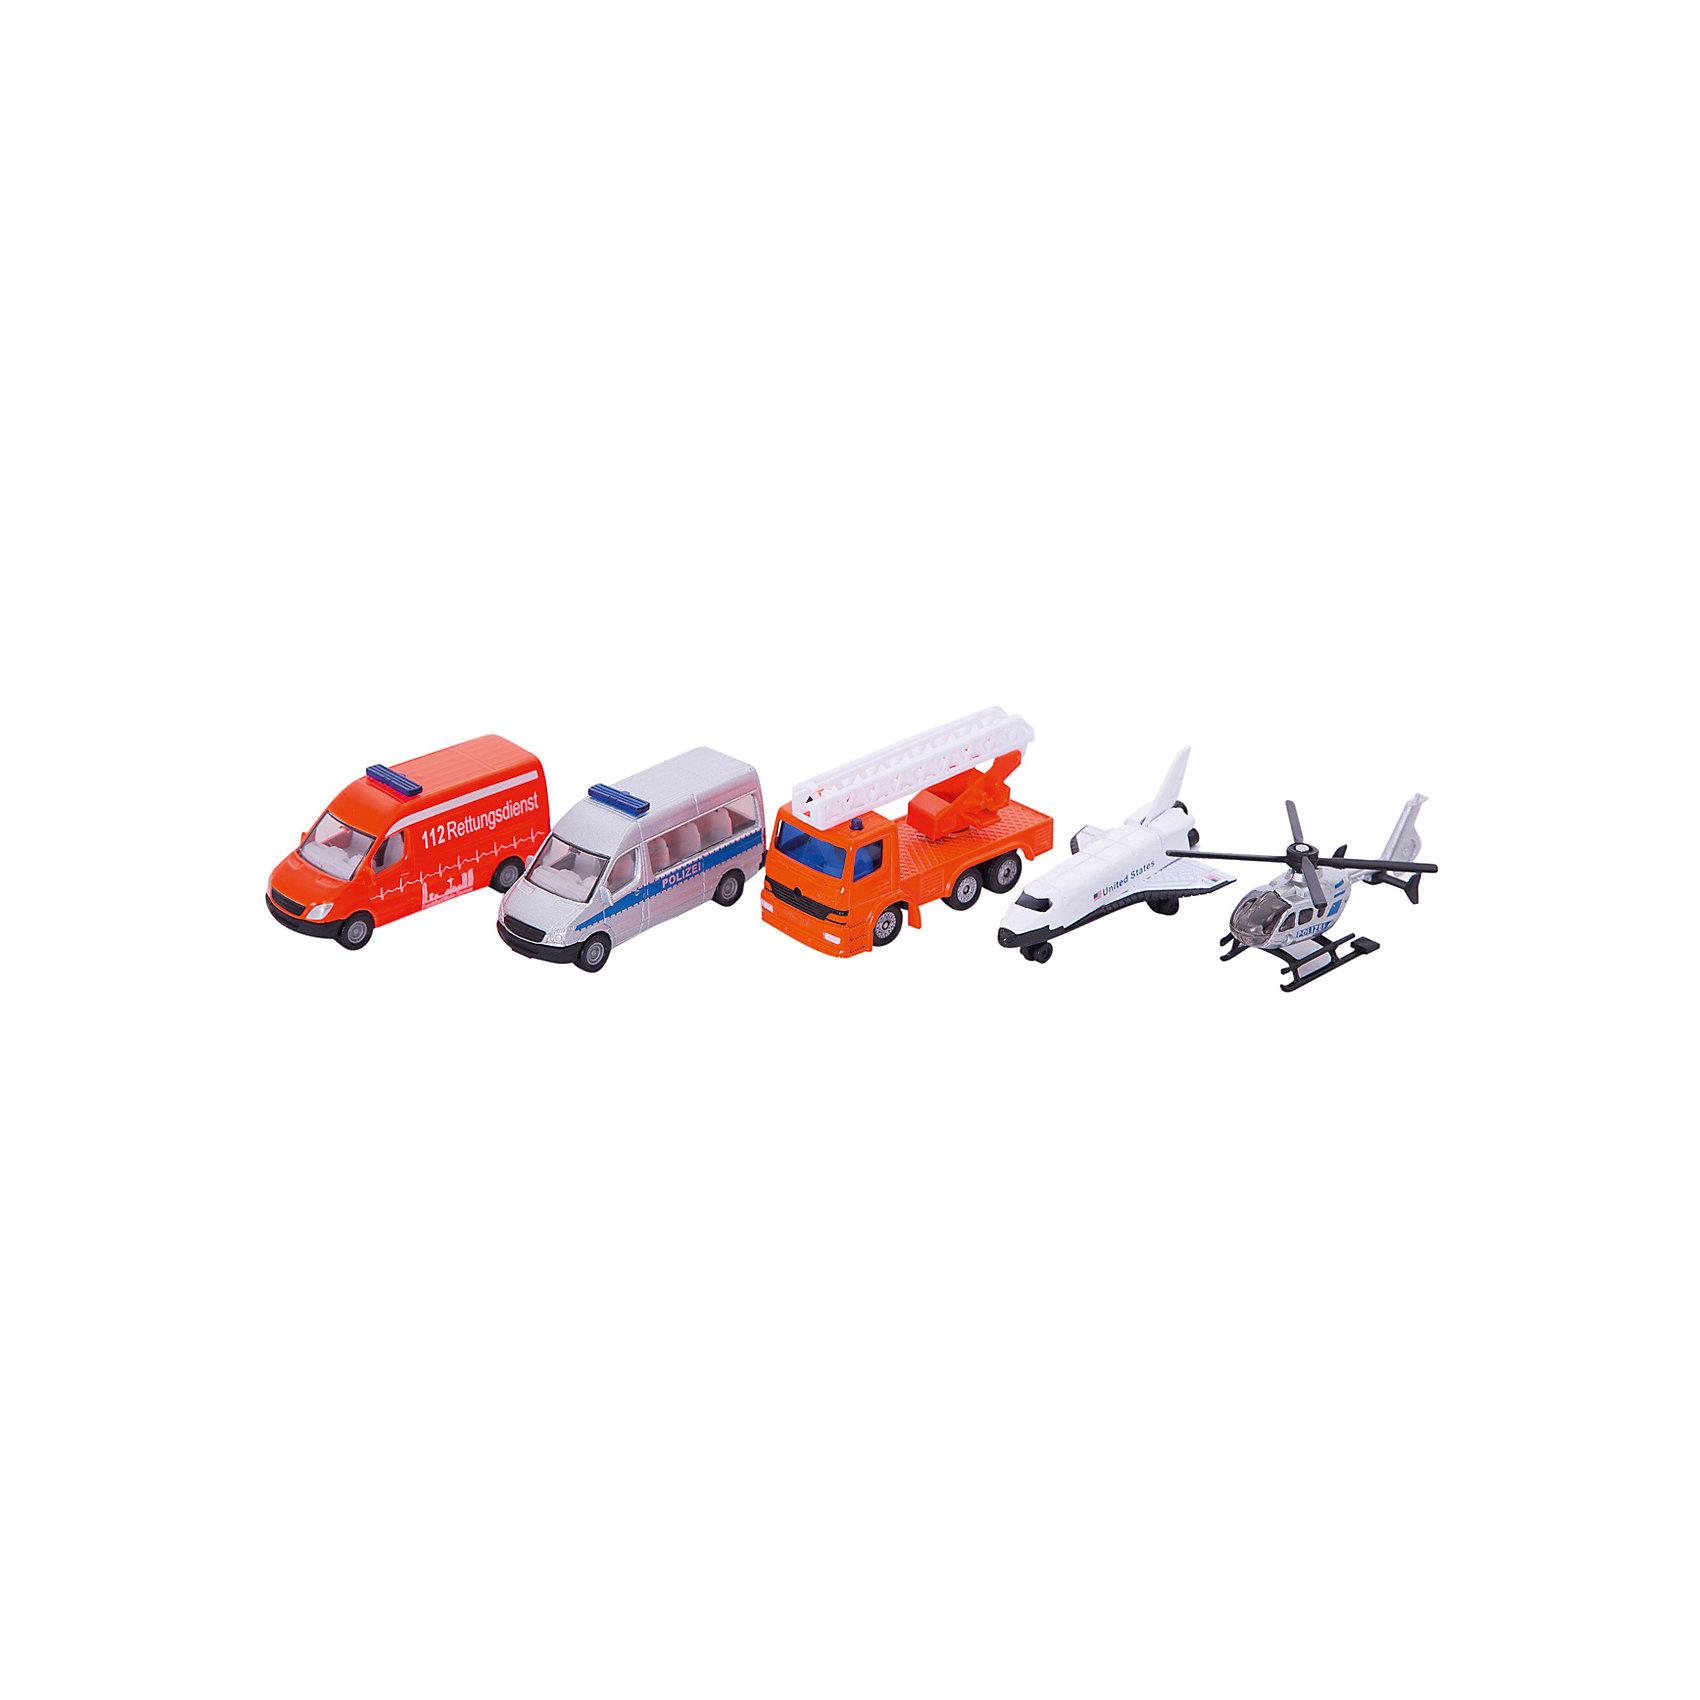 SIKU SIKU 6282 Набор Вертолет, самолет, 2-х микроавт.и кран как и где купить микроавтобус